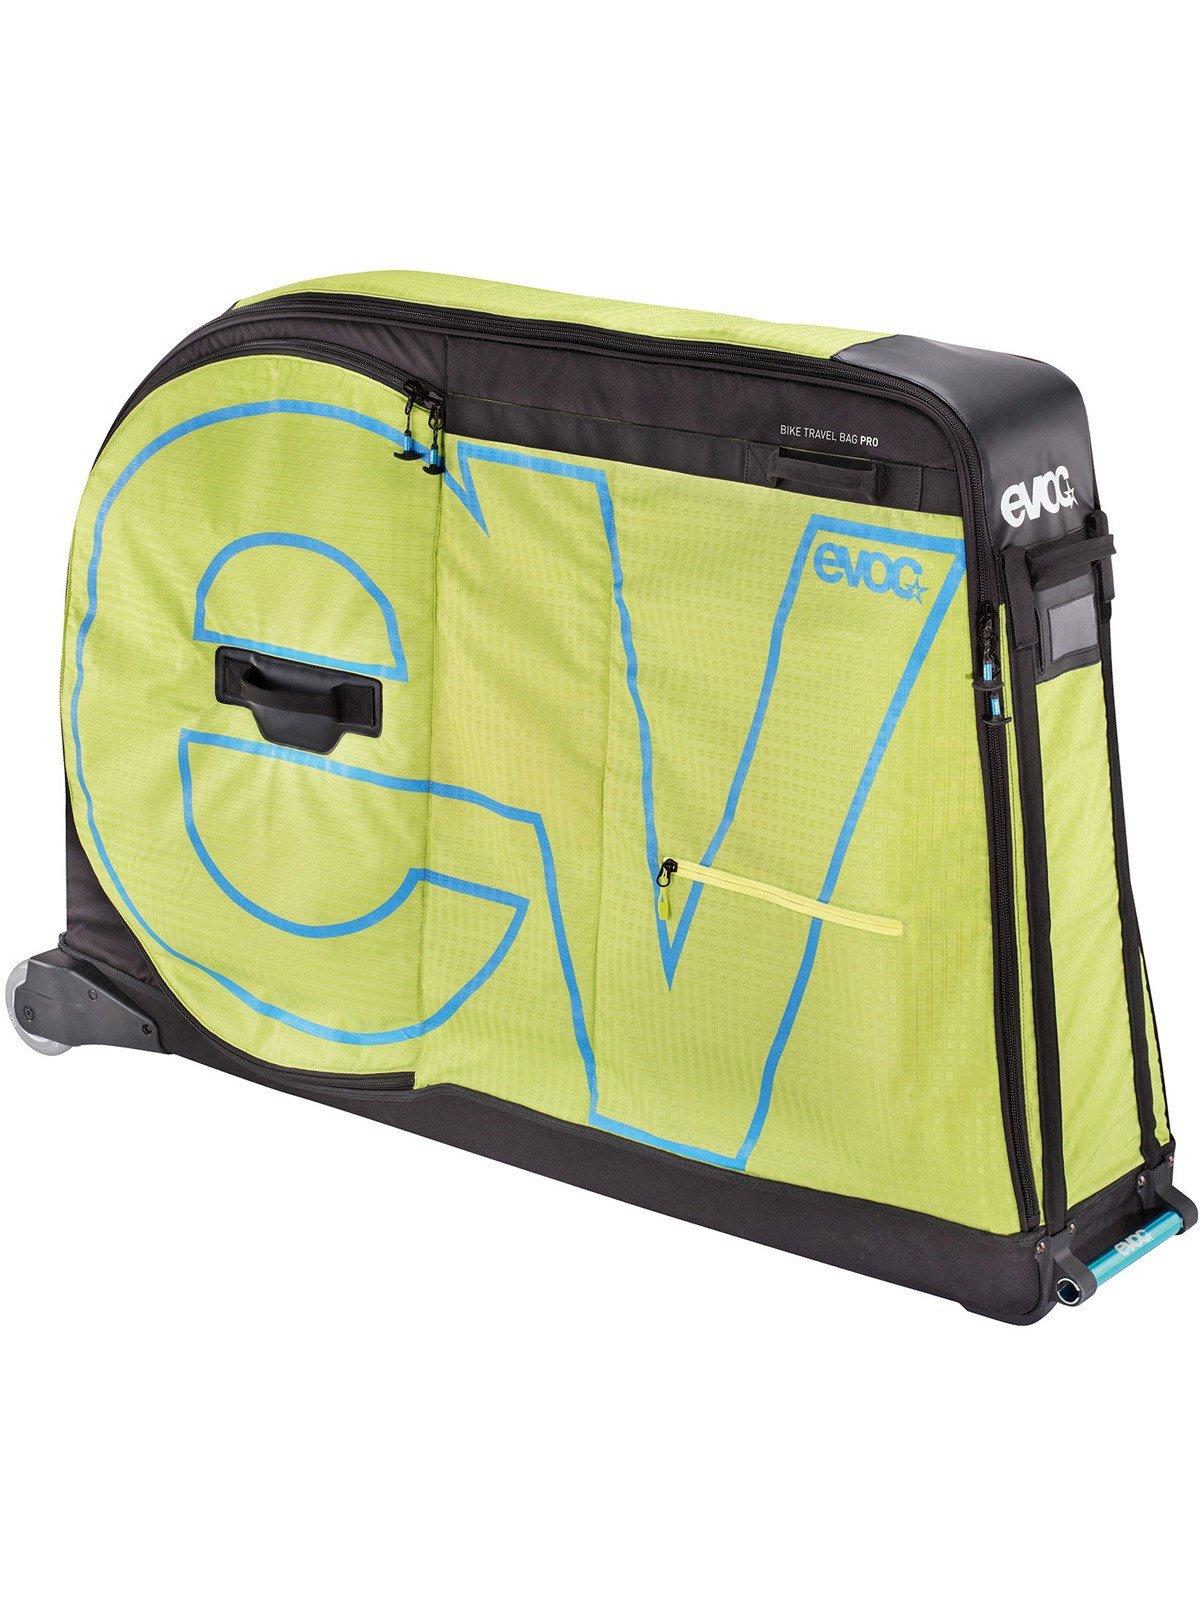 Evoc Lime Pro - 280 Litre Bike Travel Bag (Default , Green)